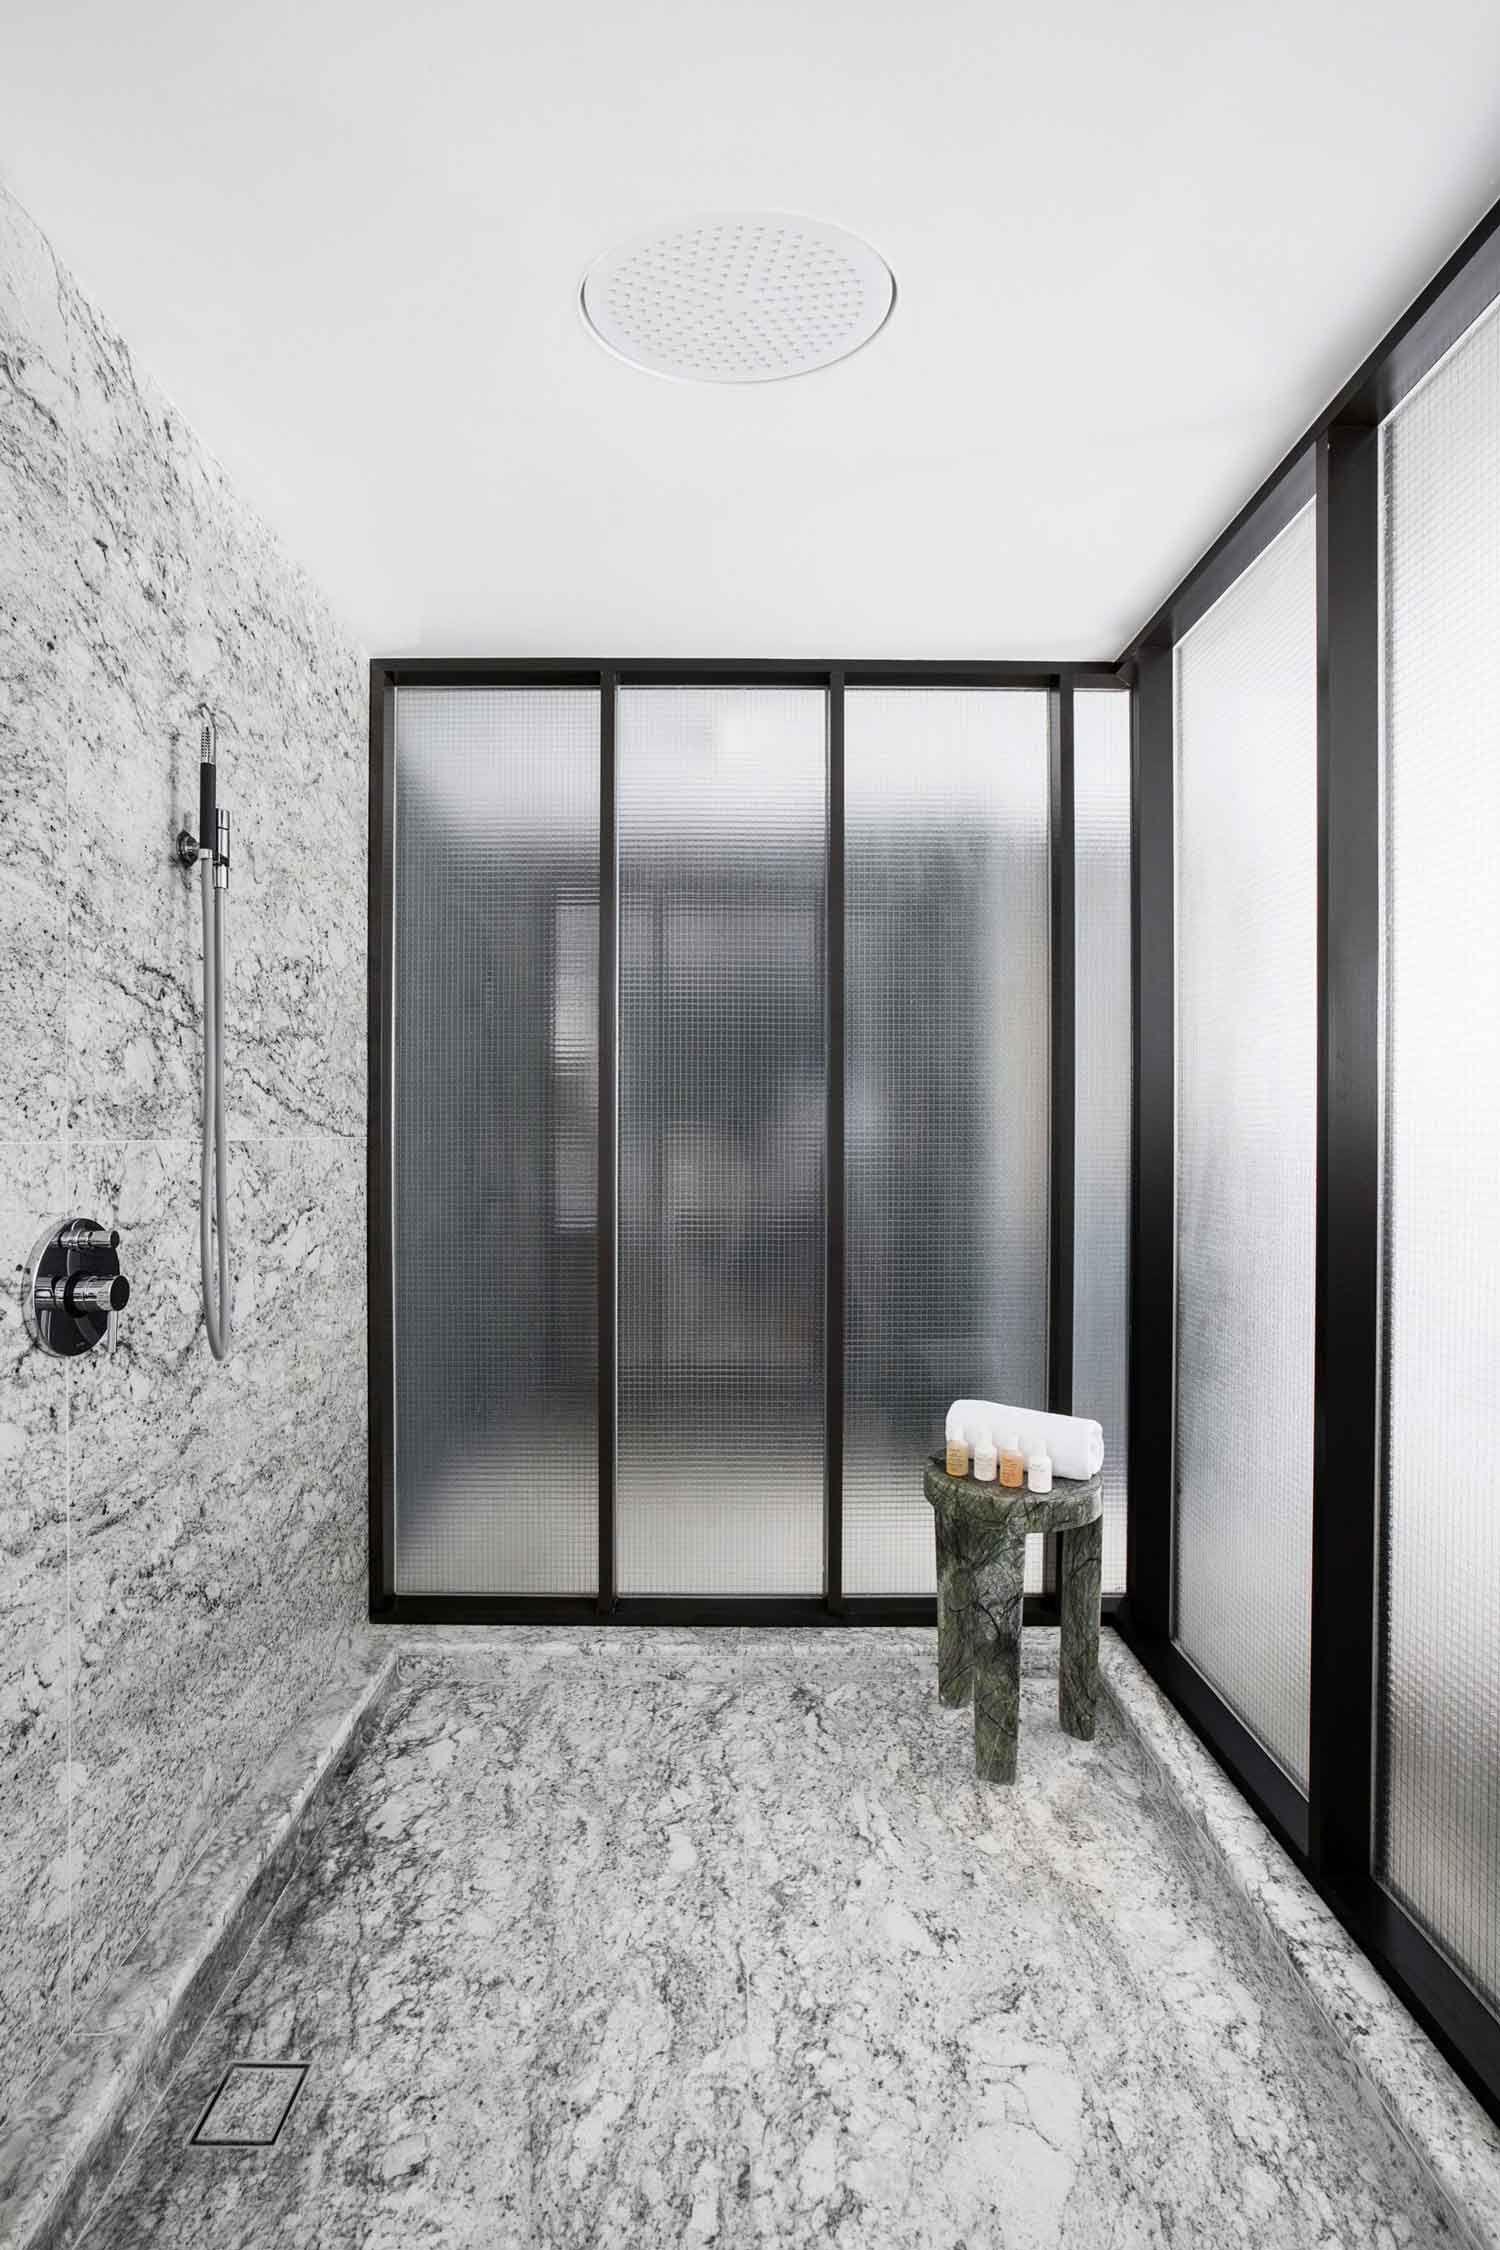 Box De Vidro en Pinterest Como limpar vidros Decoração banheiro  #70615B 1500 2250